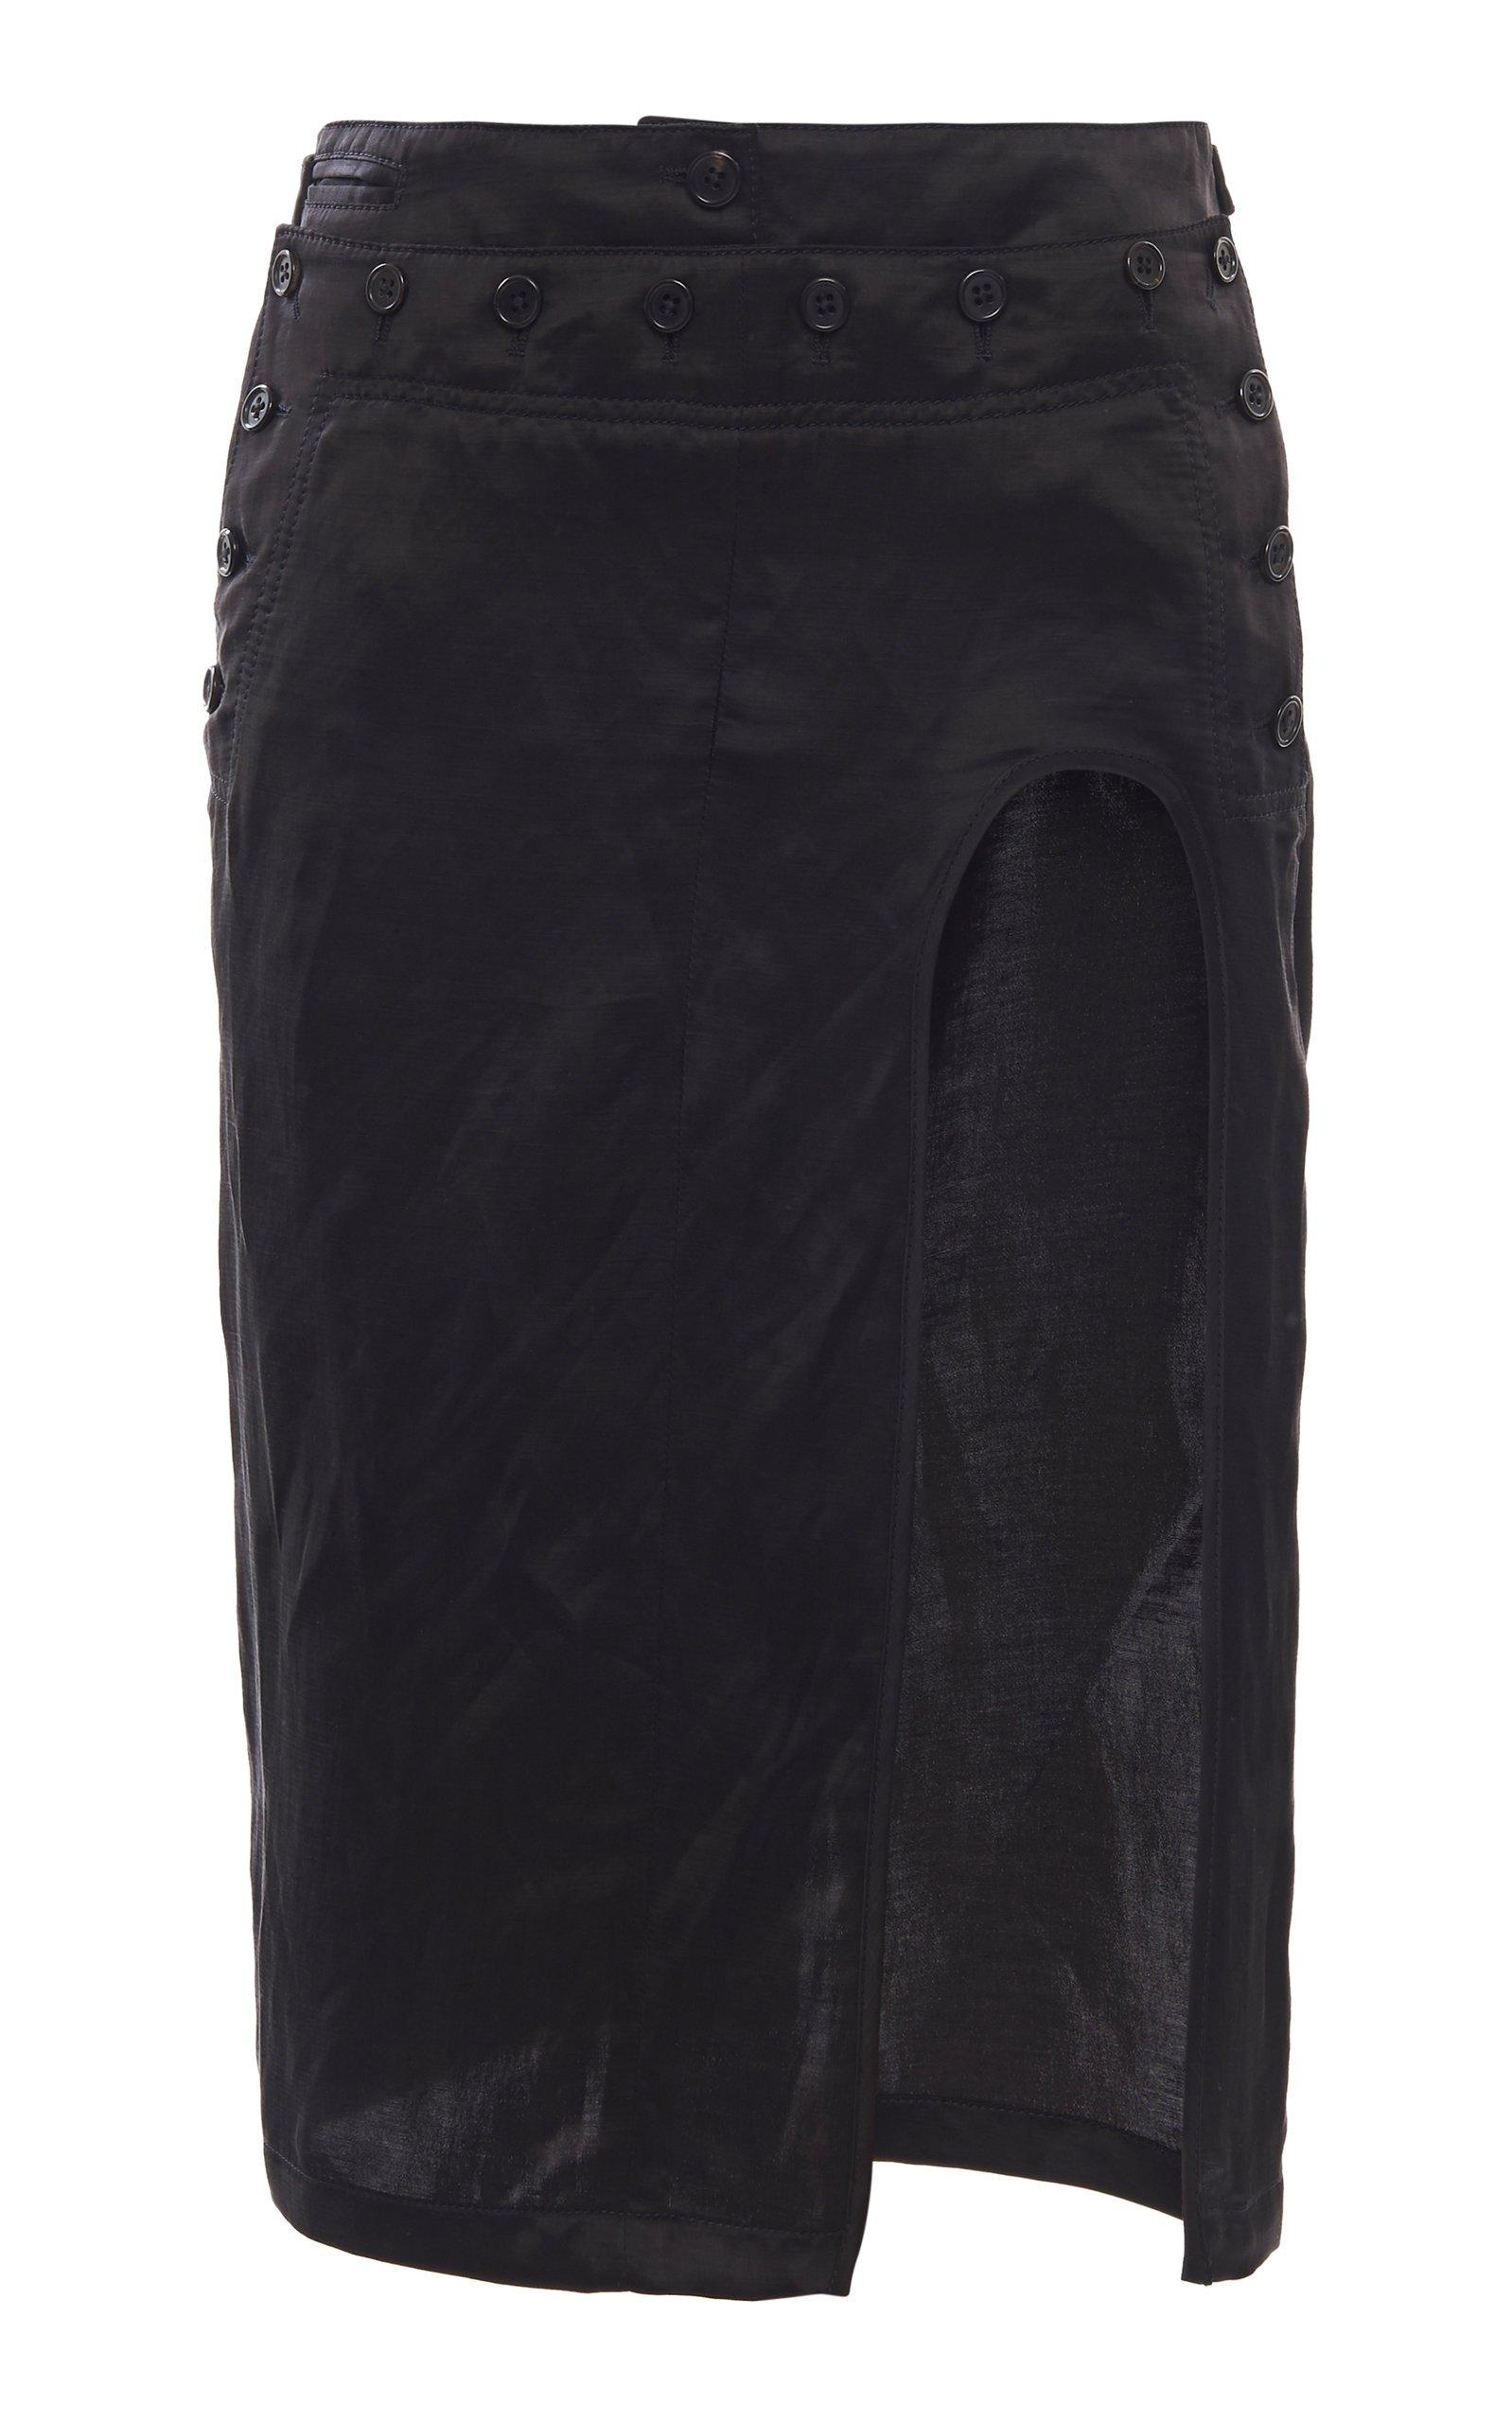 Ann Demeulemeester Cutout Satin Skirt Size: 42